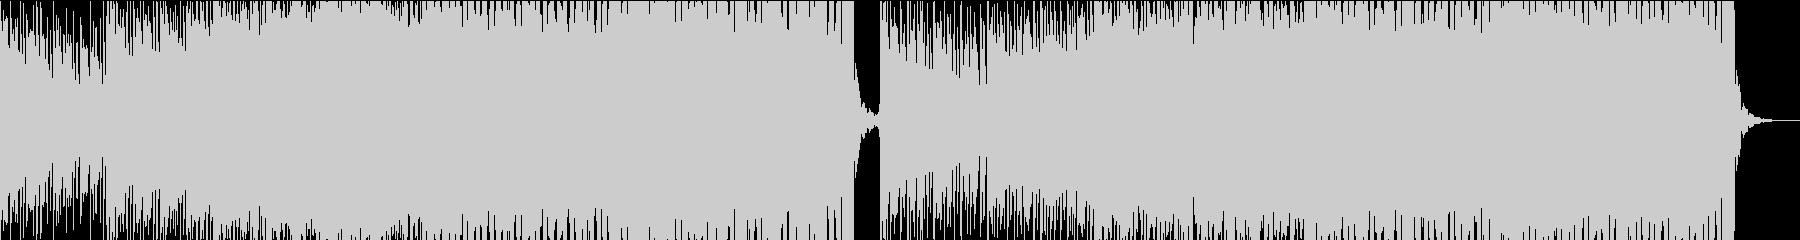 明るくてはじける可愛いEDMの未再生の波形